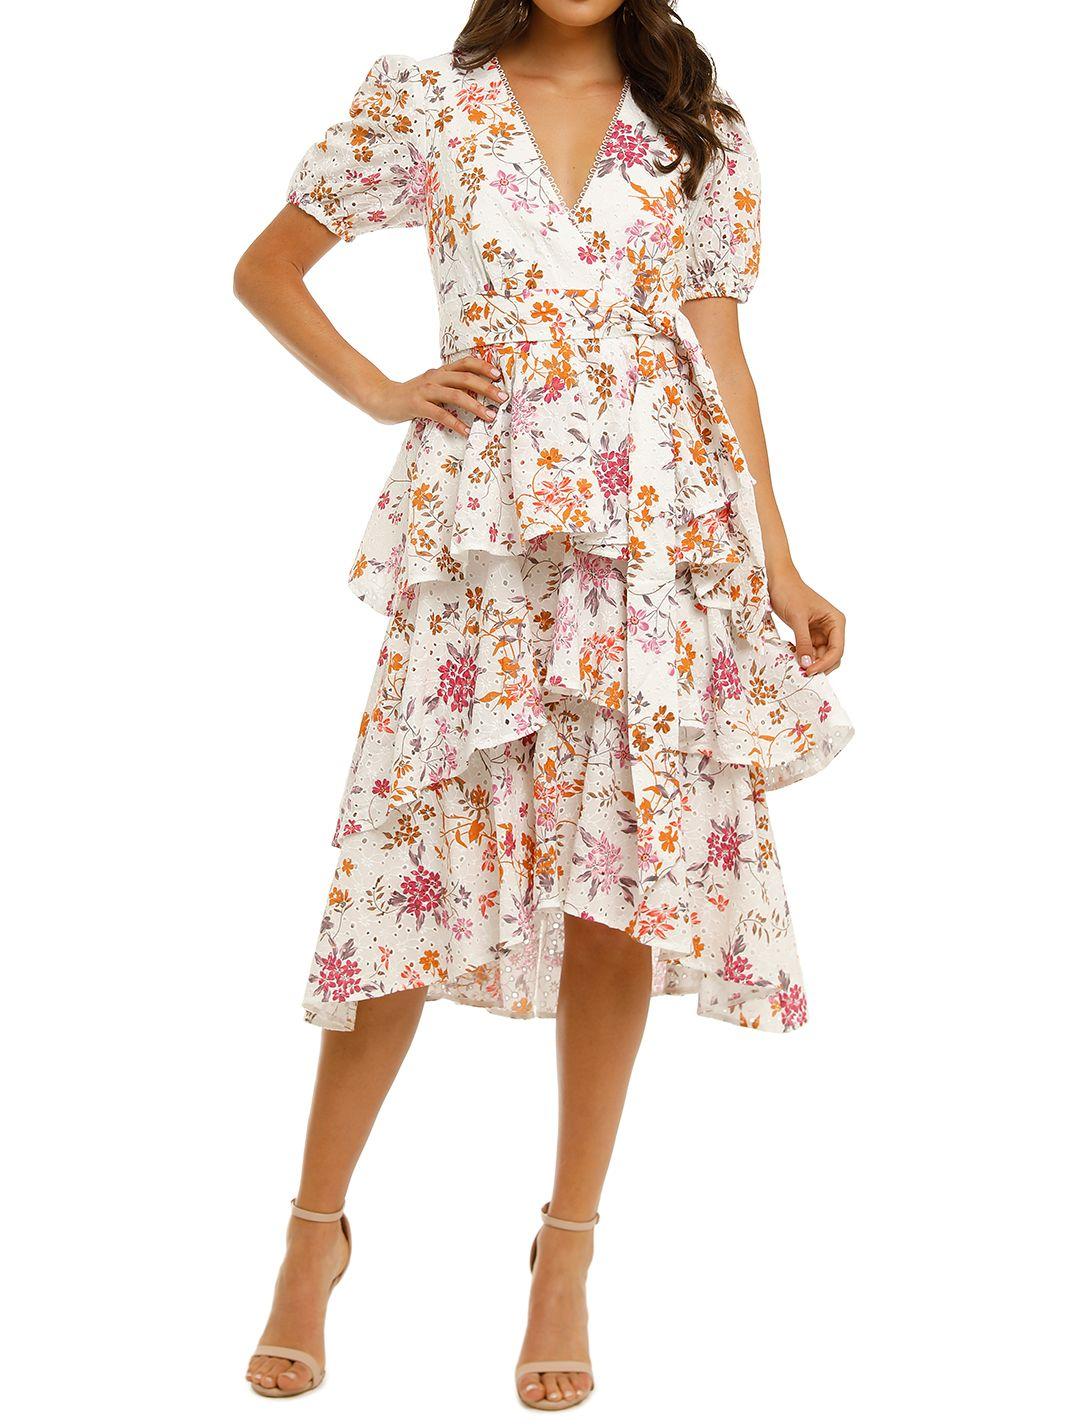 Talulah-Jasmine-Vines-Midi-Dress-Jasmine-Vines-Print-Front